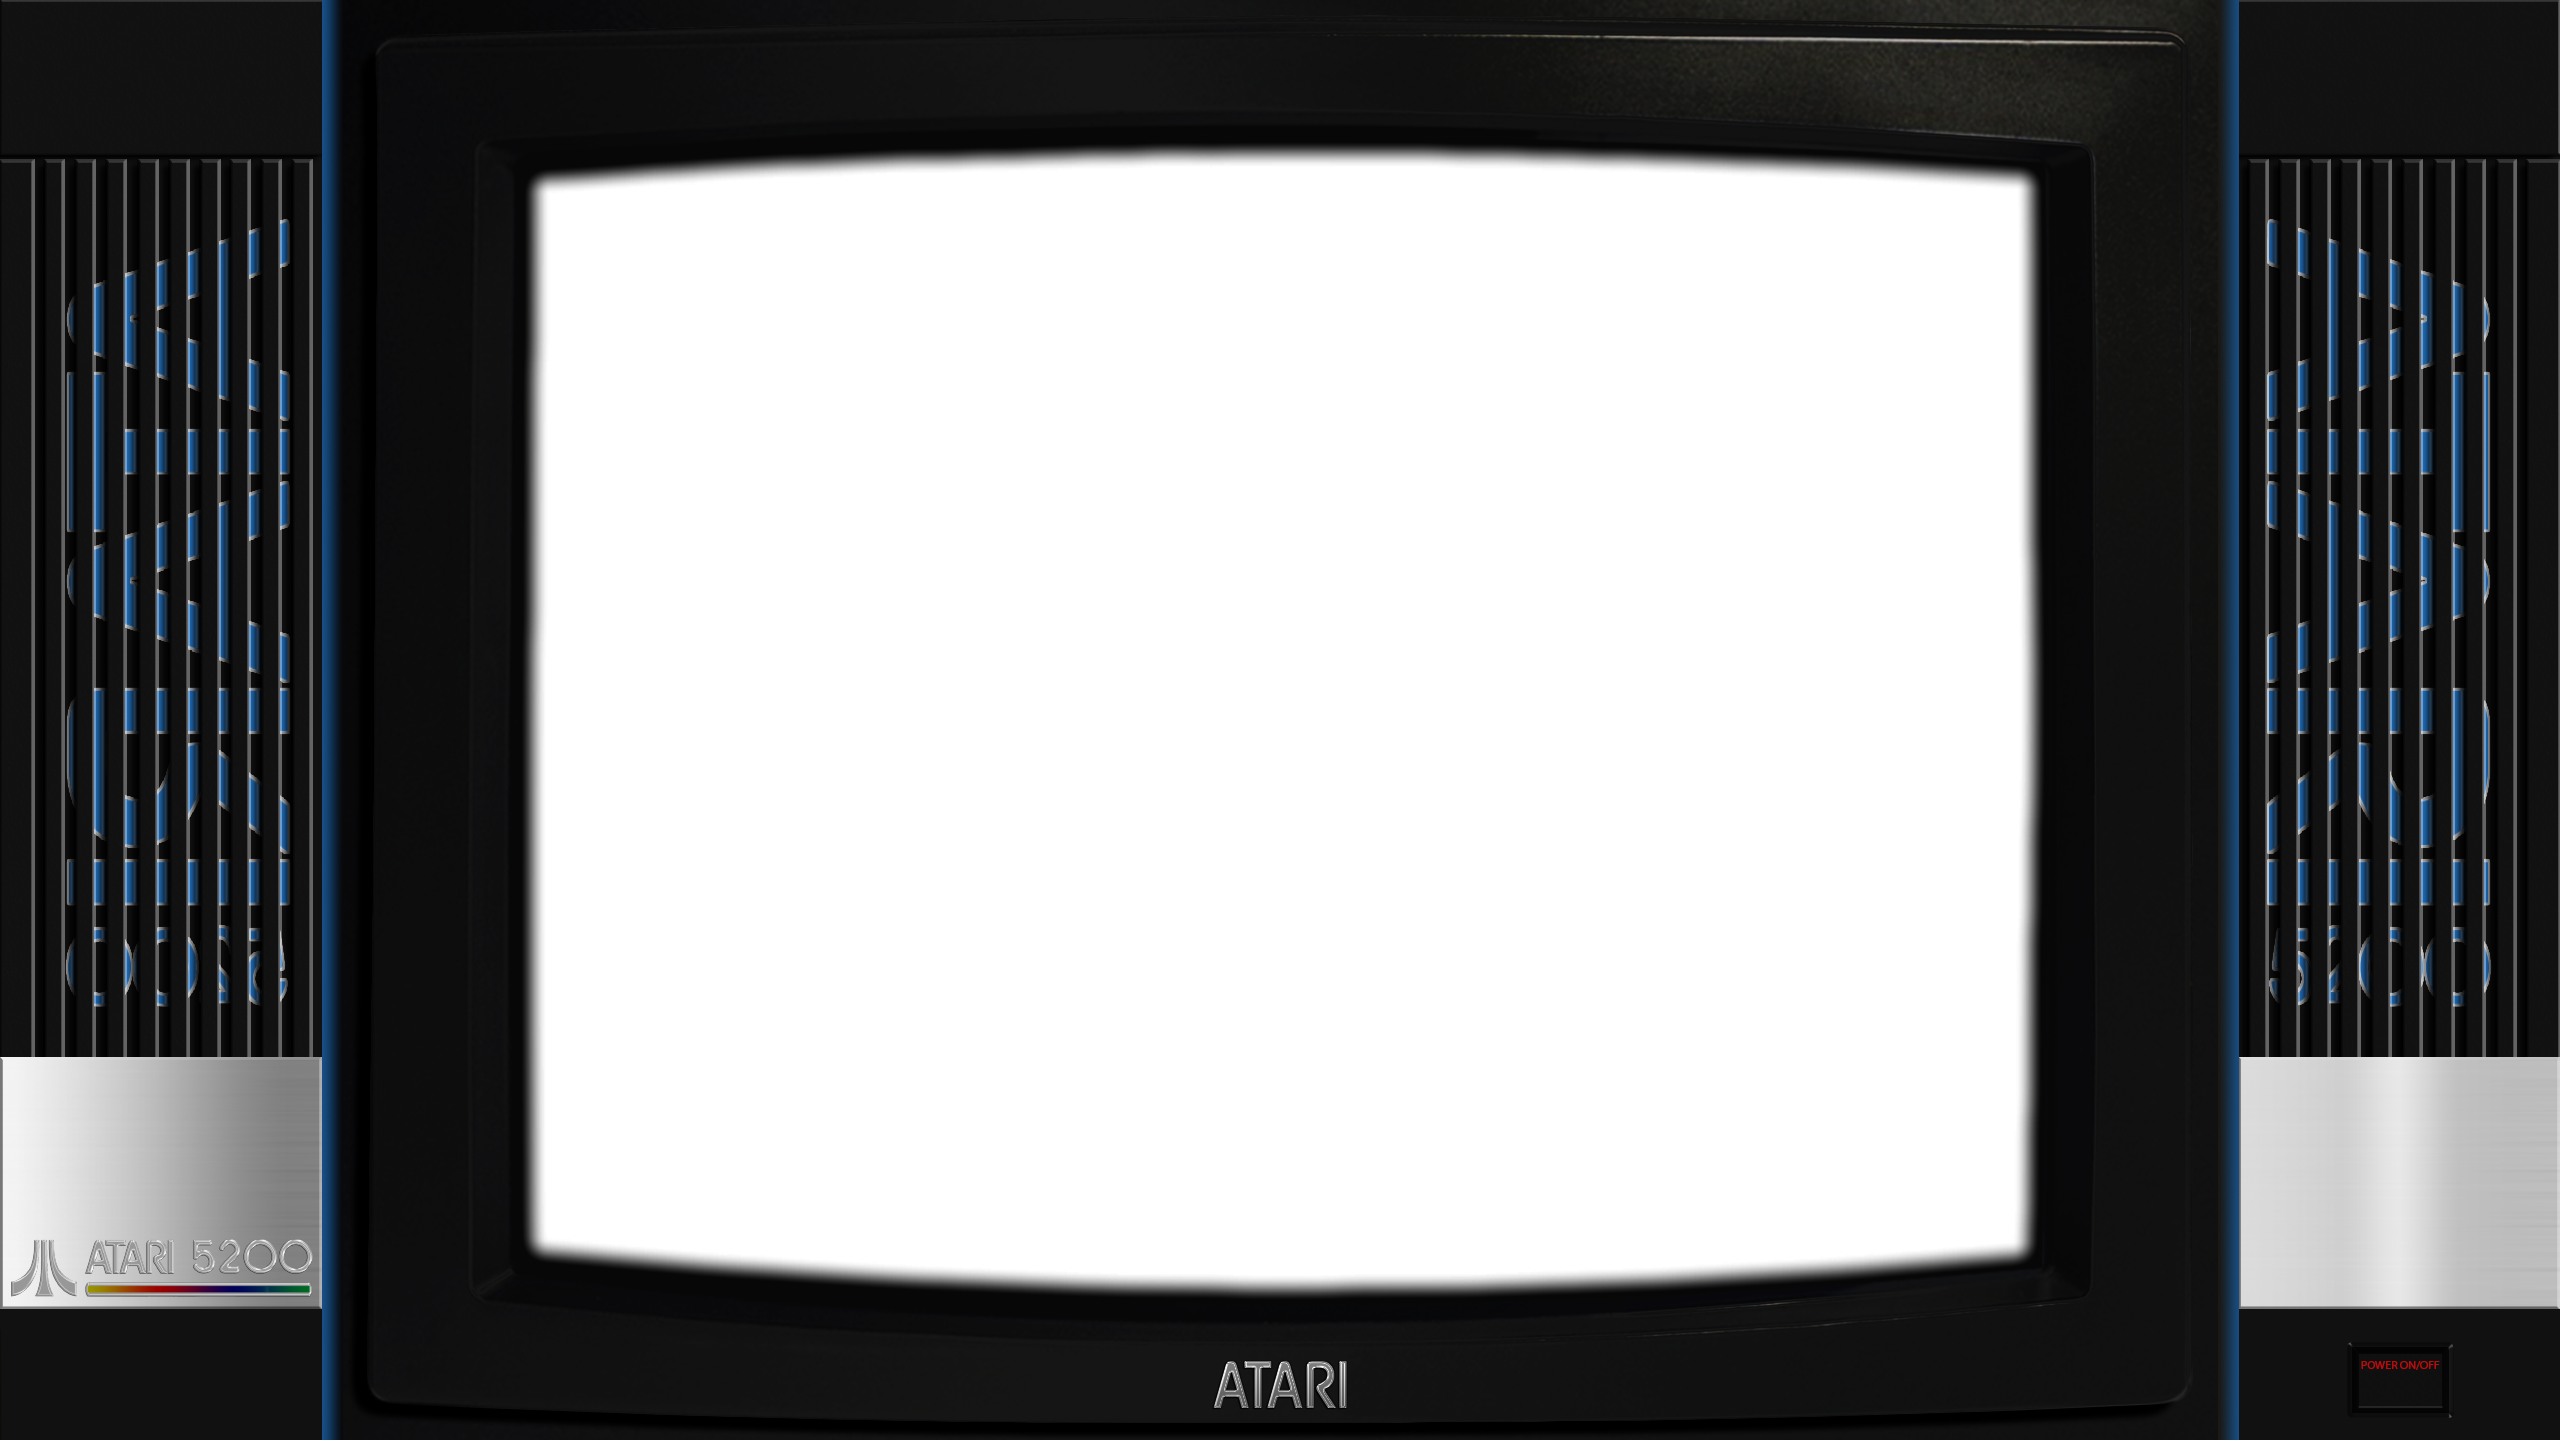 atari5200.png